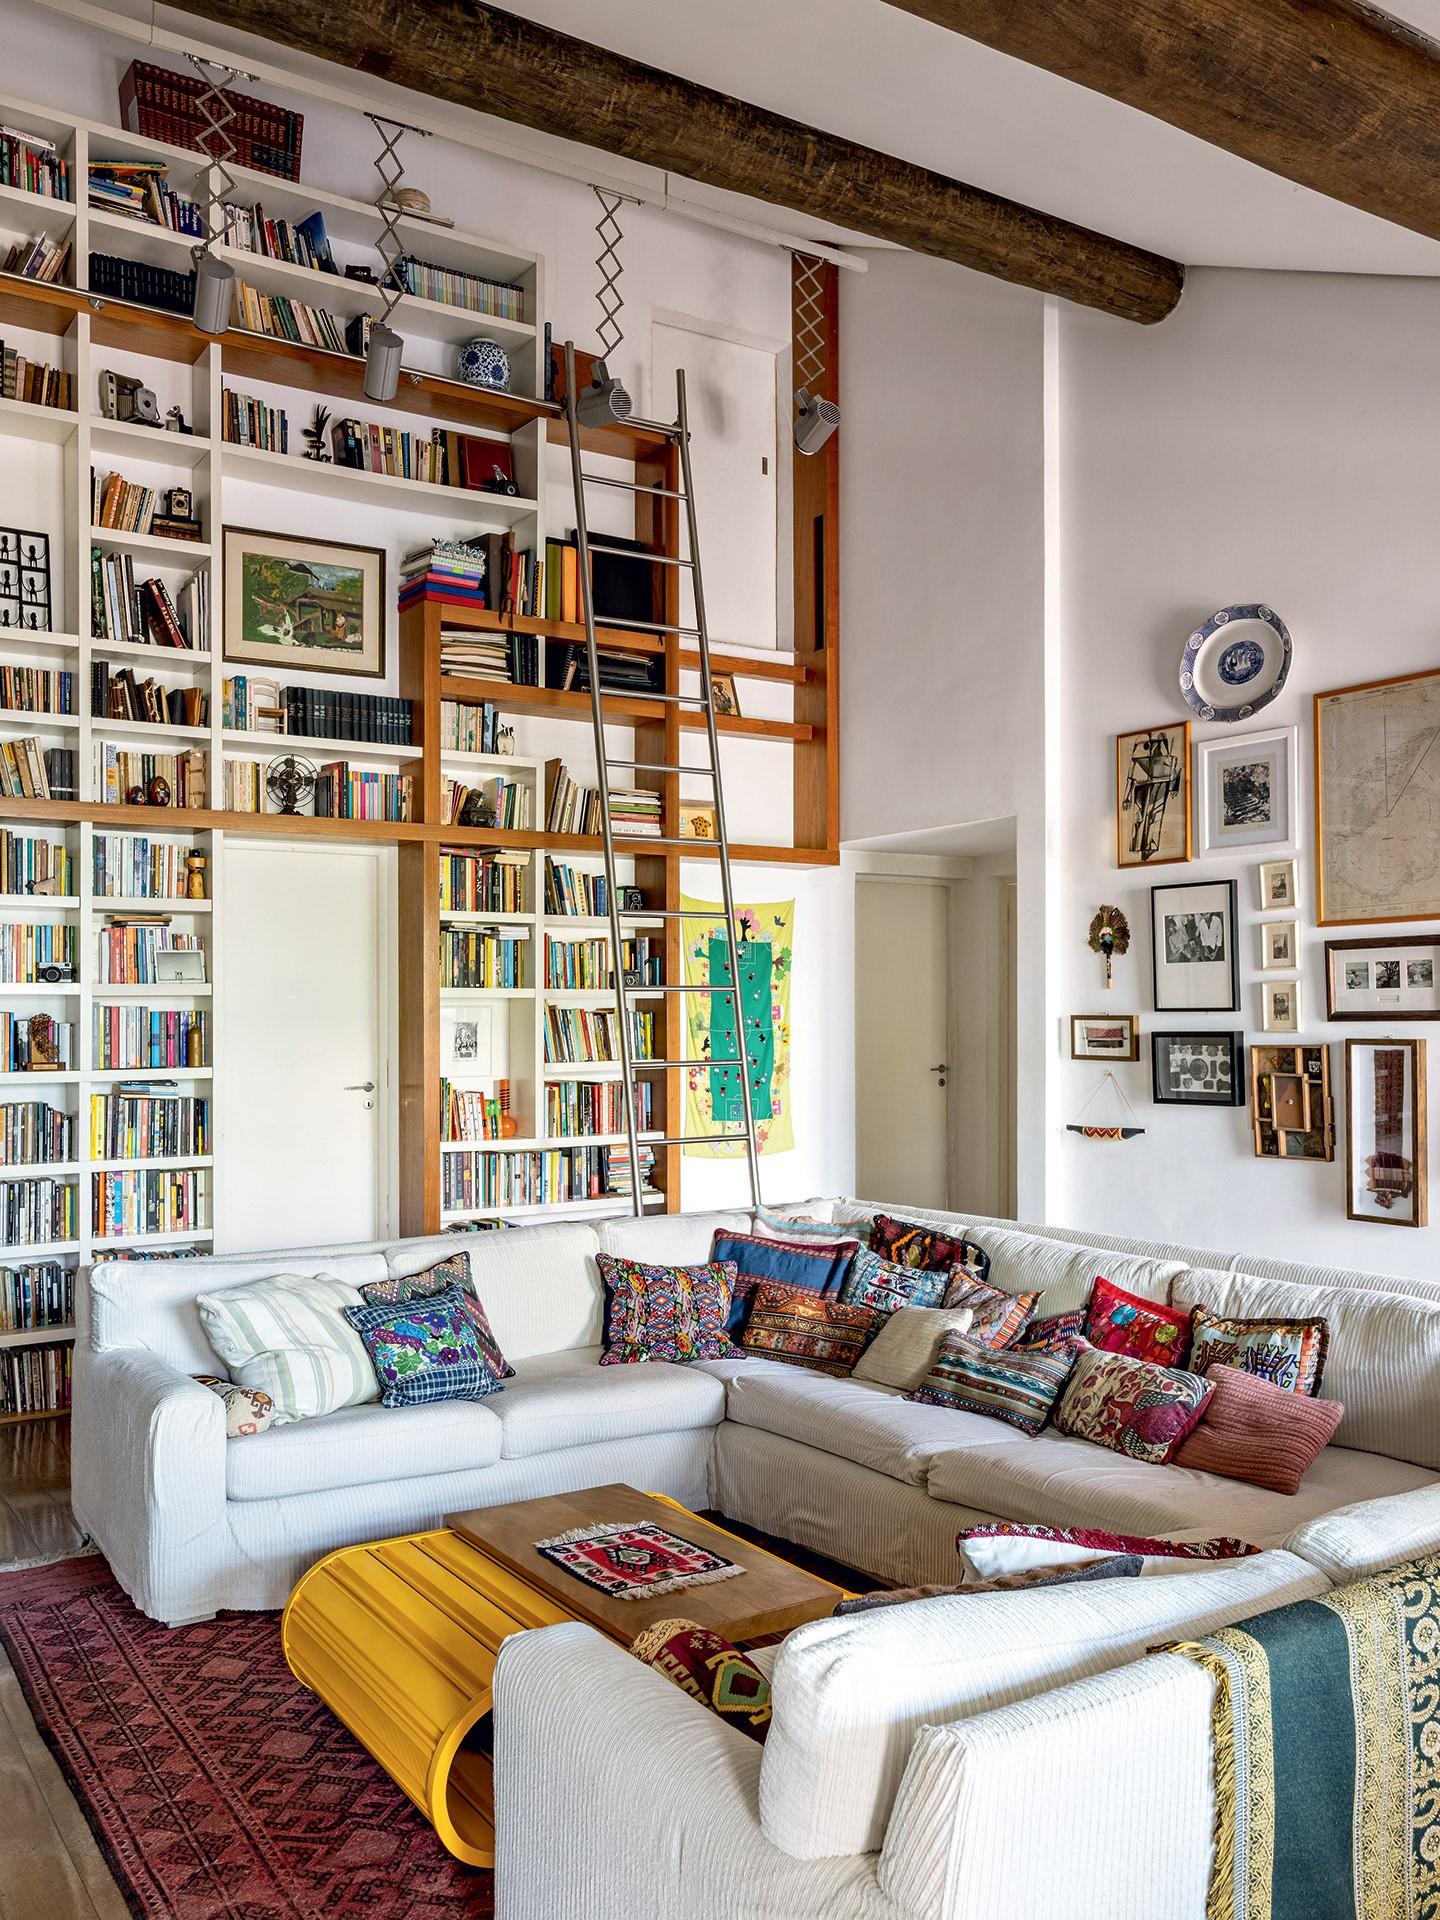 Hélio de la Peña revela lar repleto de arte e livros (Foto: Fran Parente)